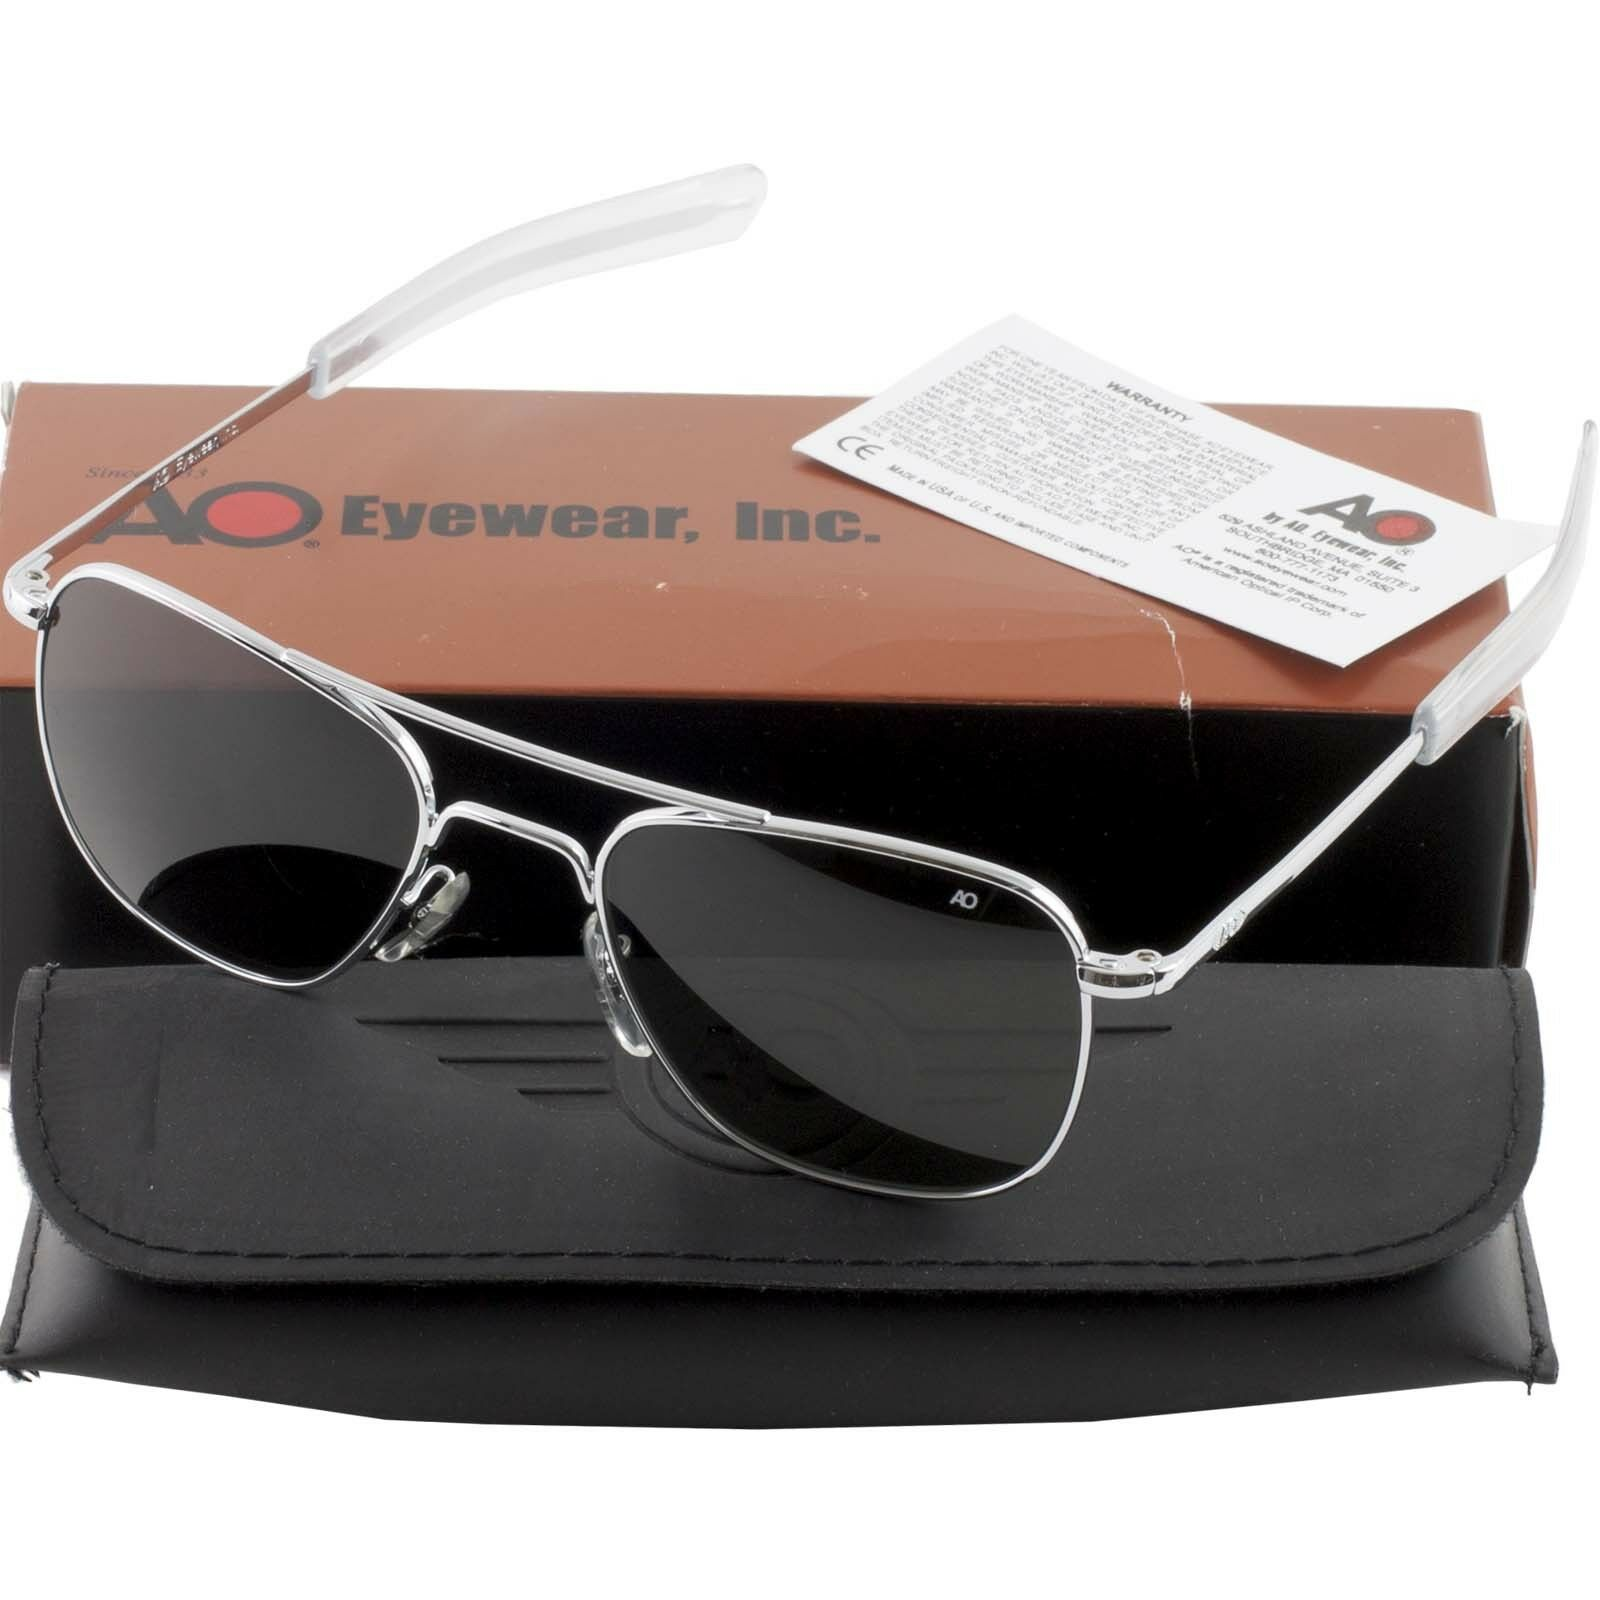 AO American Optical Military Aviator Silver Frames 52 mm Sunglasses Gray  Lens 9918759176